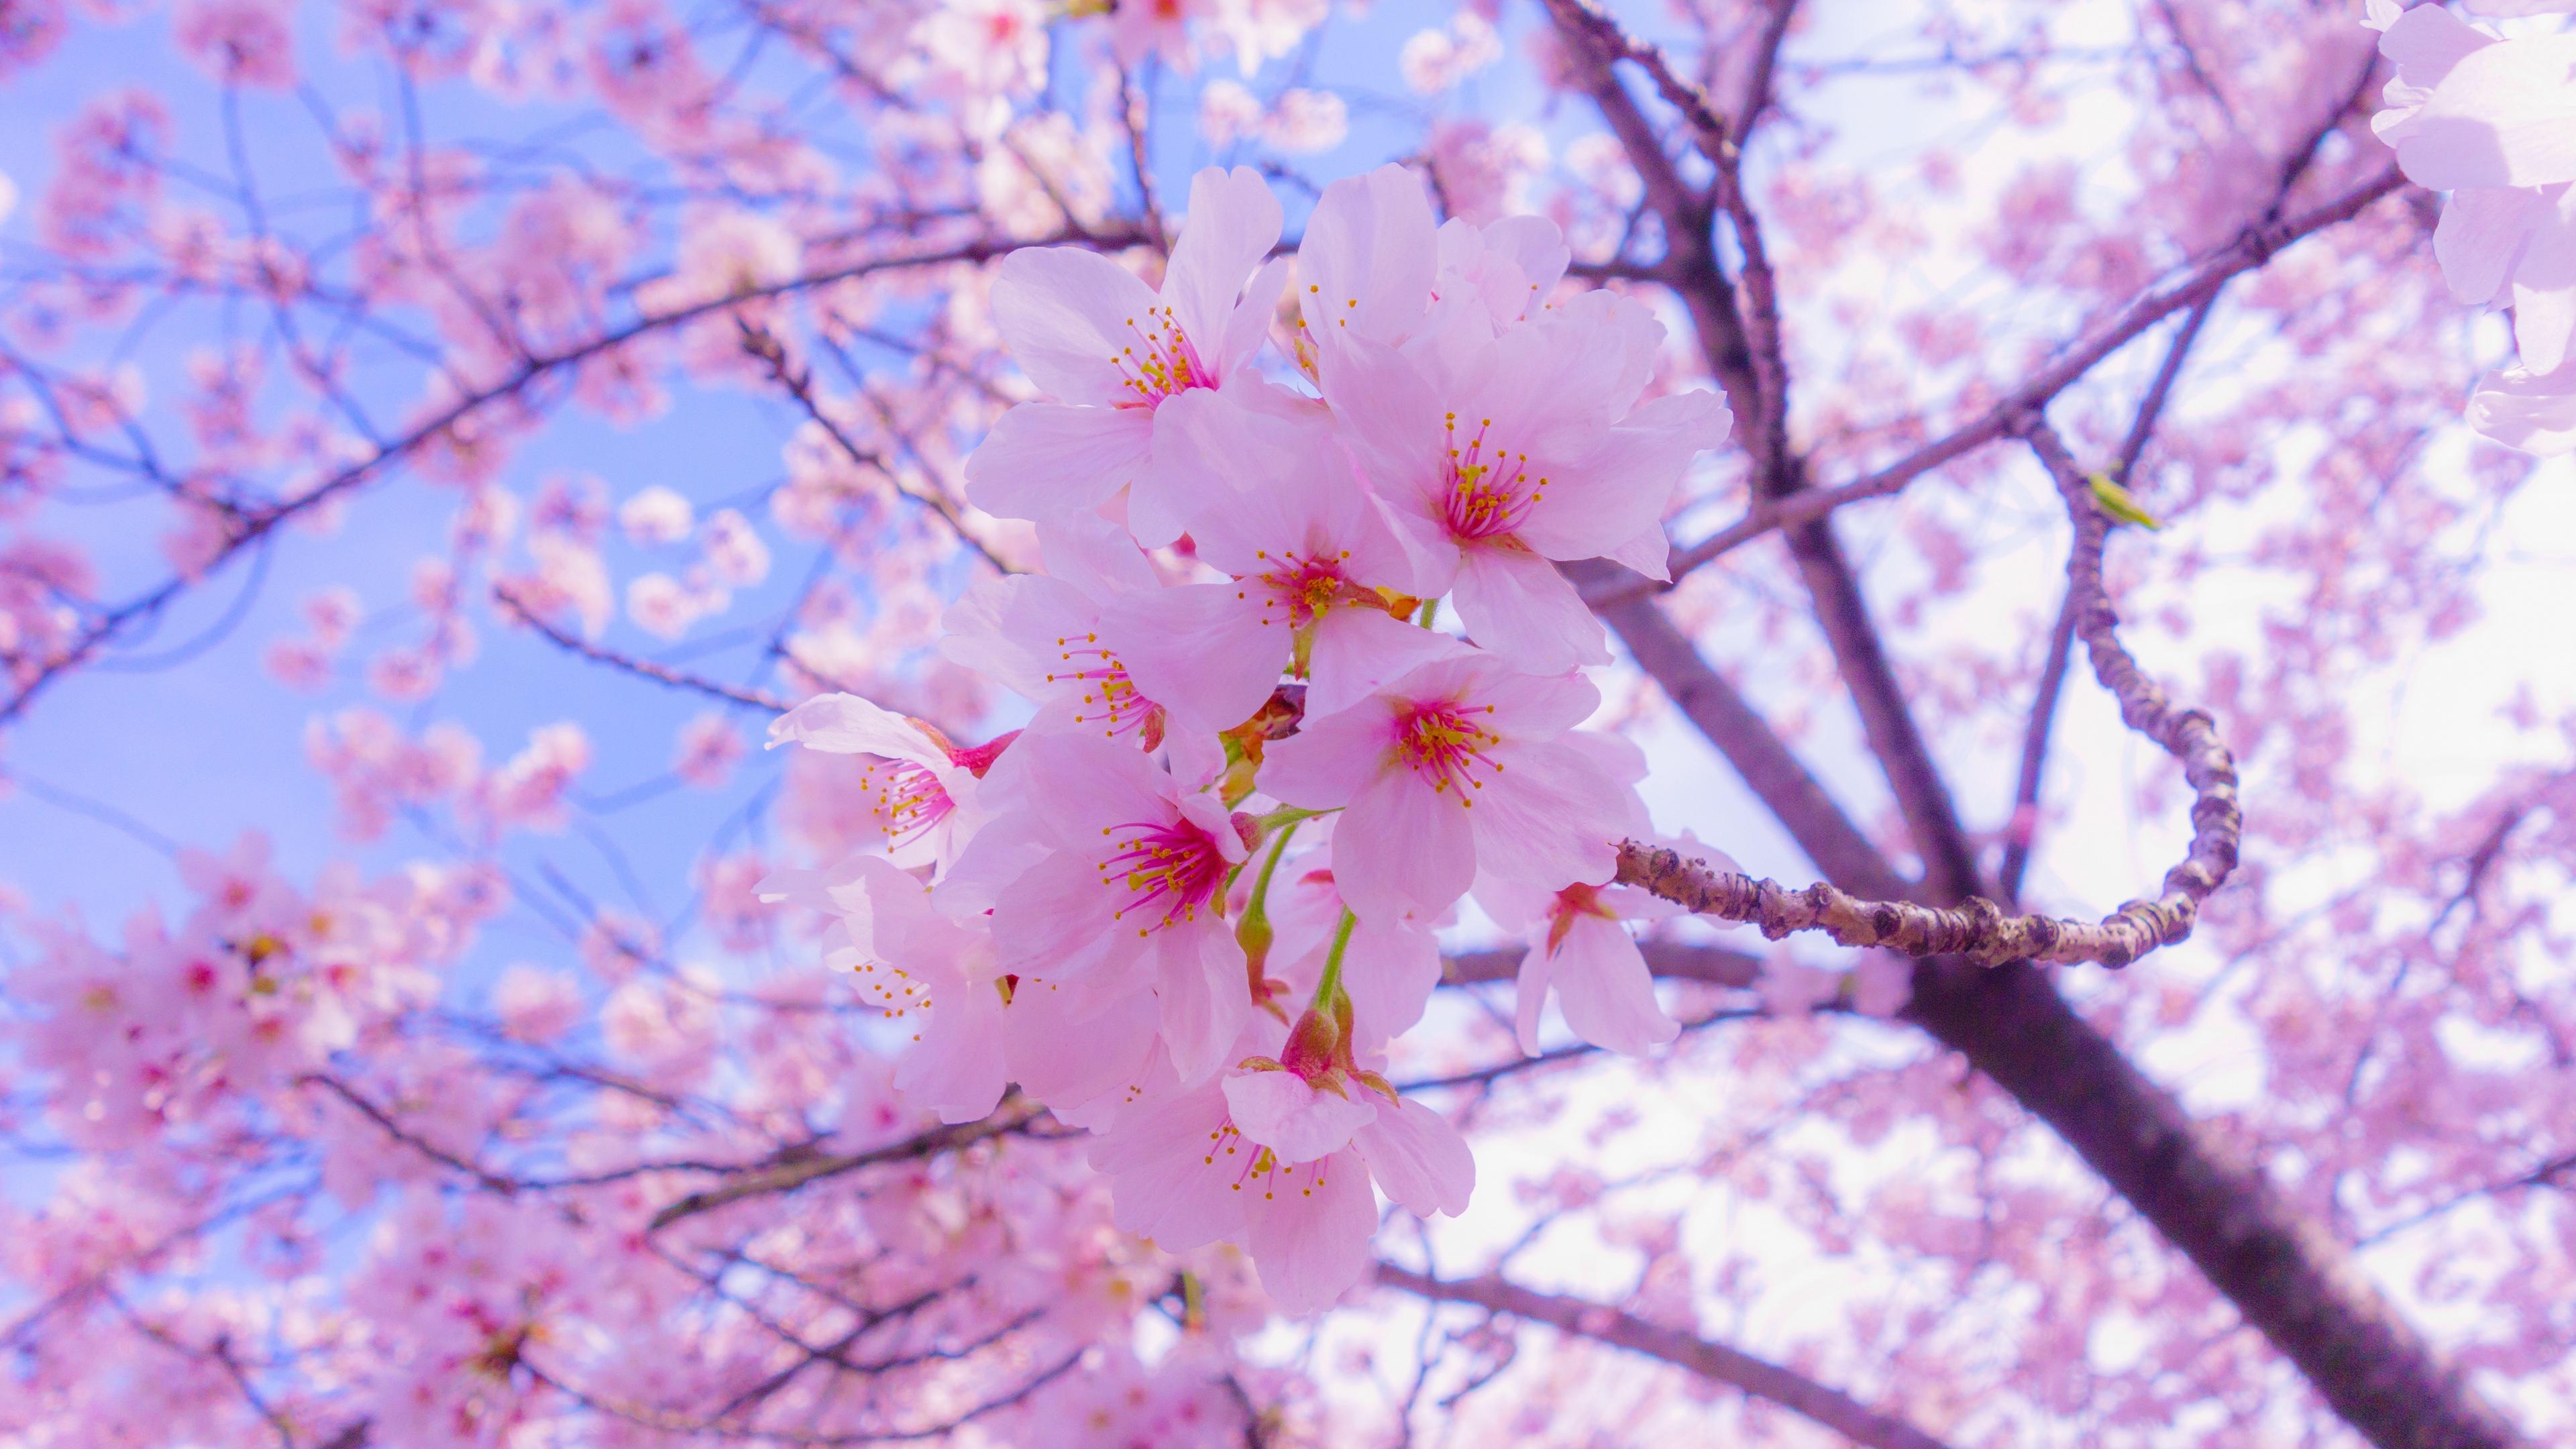 sakura flowers bloom spring pink 4k 1540065161 - sakura, flowers, bloom, spring, pink 4k - Sakura, Flowers, Bloom